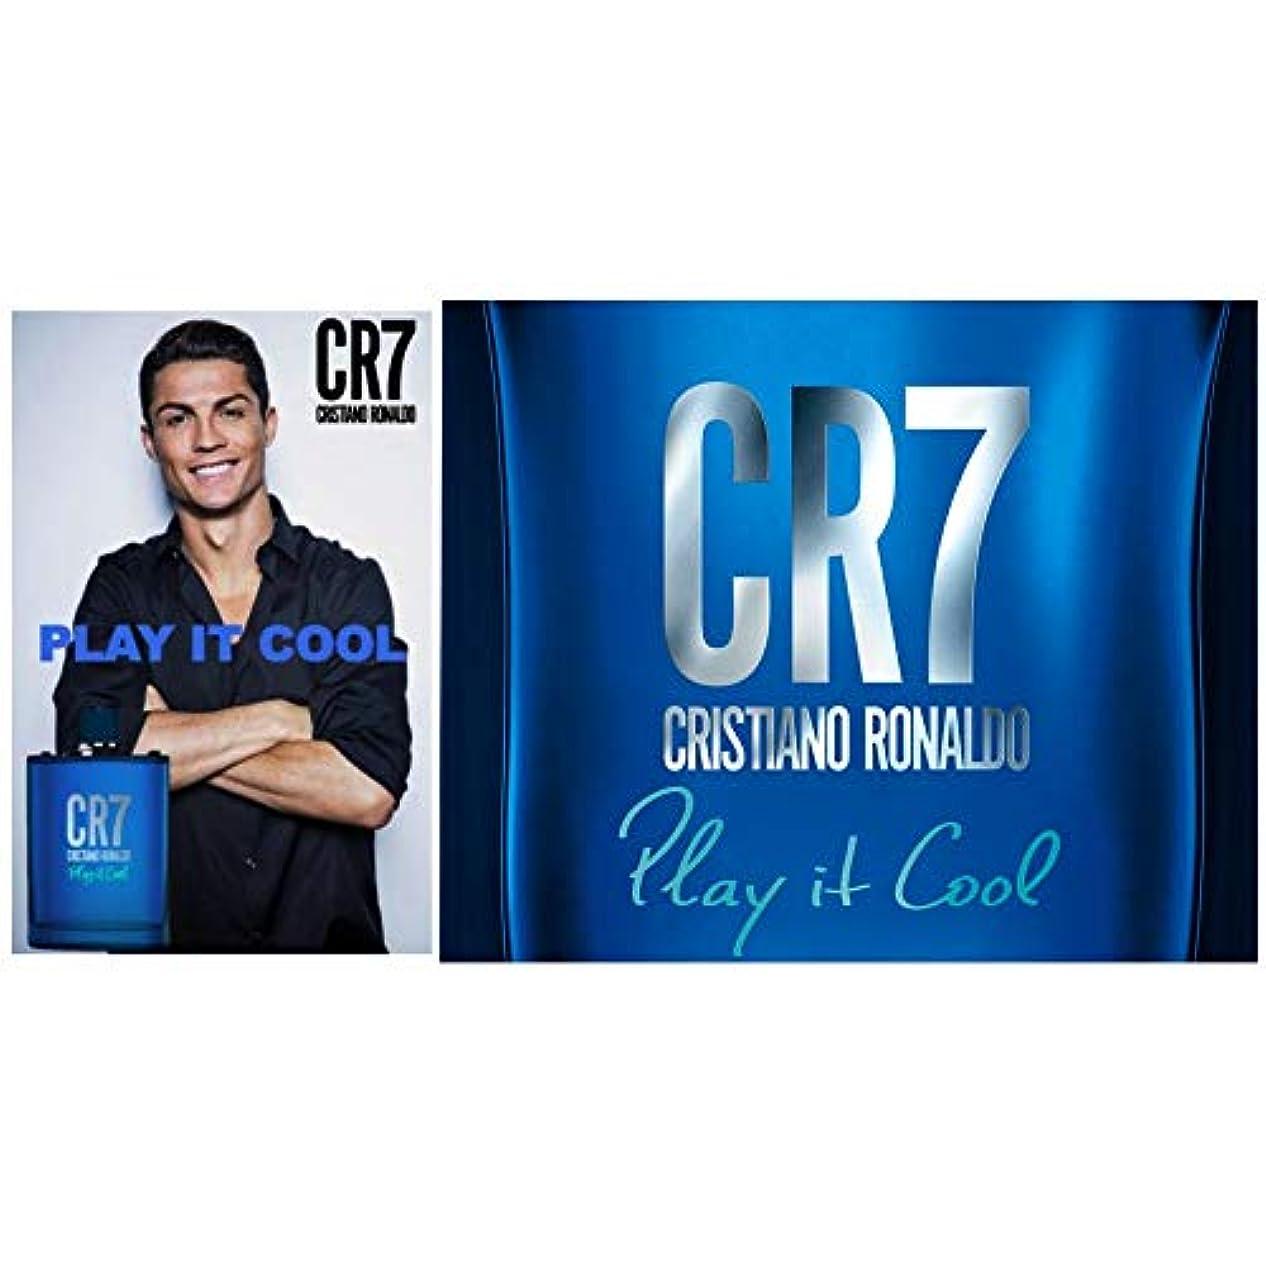 クレア聴くうまれたCristiano Ronaldo(クリスティアーノ ロナウド) クリスティアーノ ロナウド CR7 プレイイットクール バイ クリスティアーノ ロナウド EDT アロマティック?フゼア 50ml